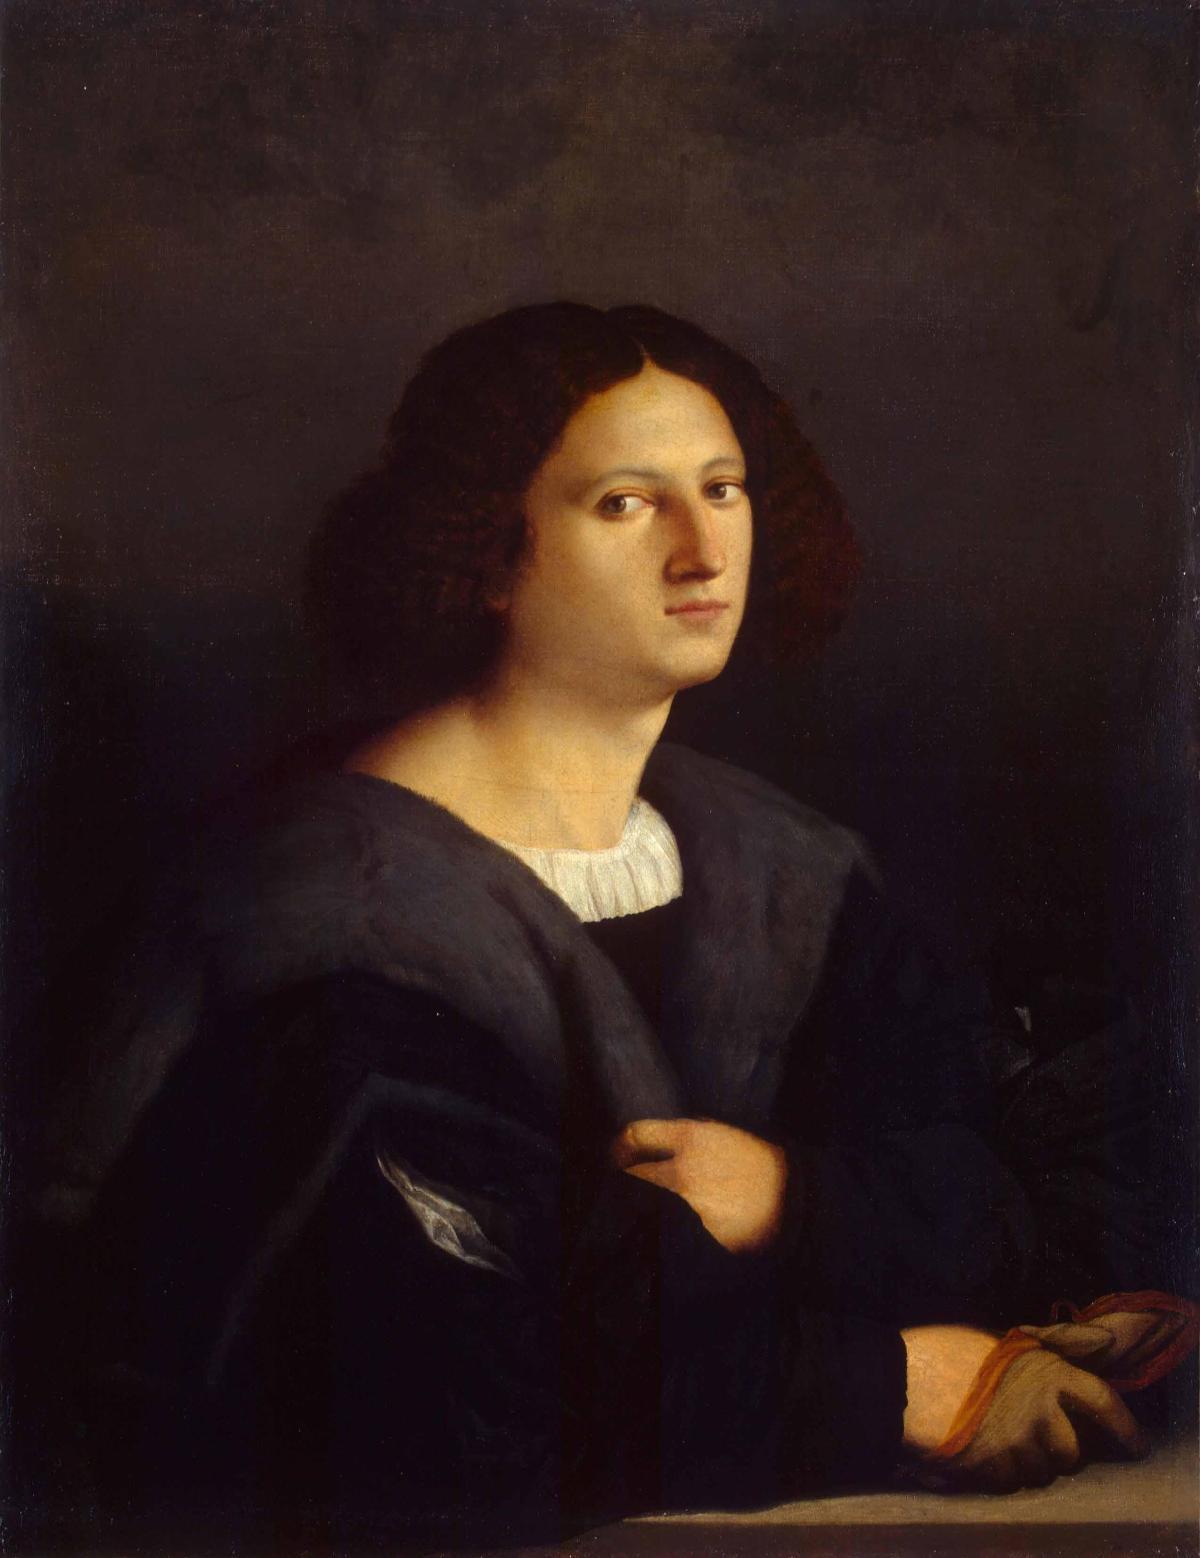 Portrait of a Man by Jacopo, il vecchio Palma